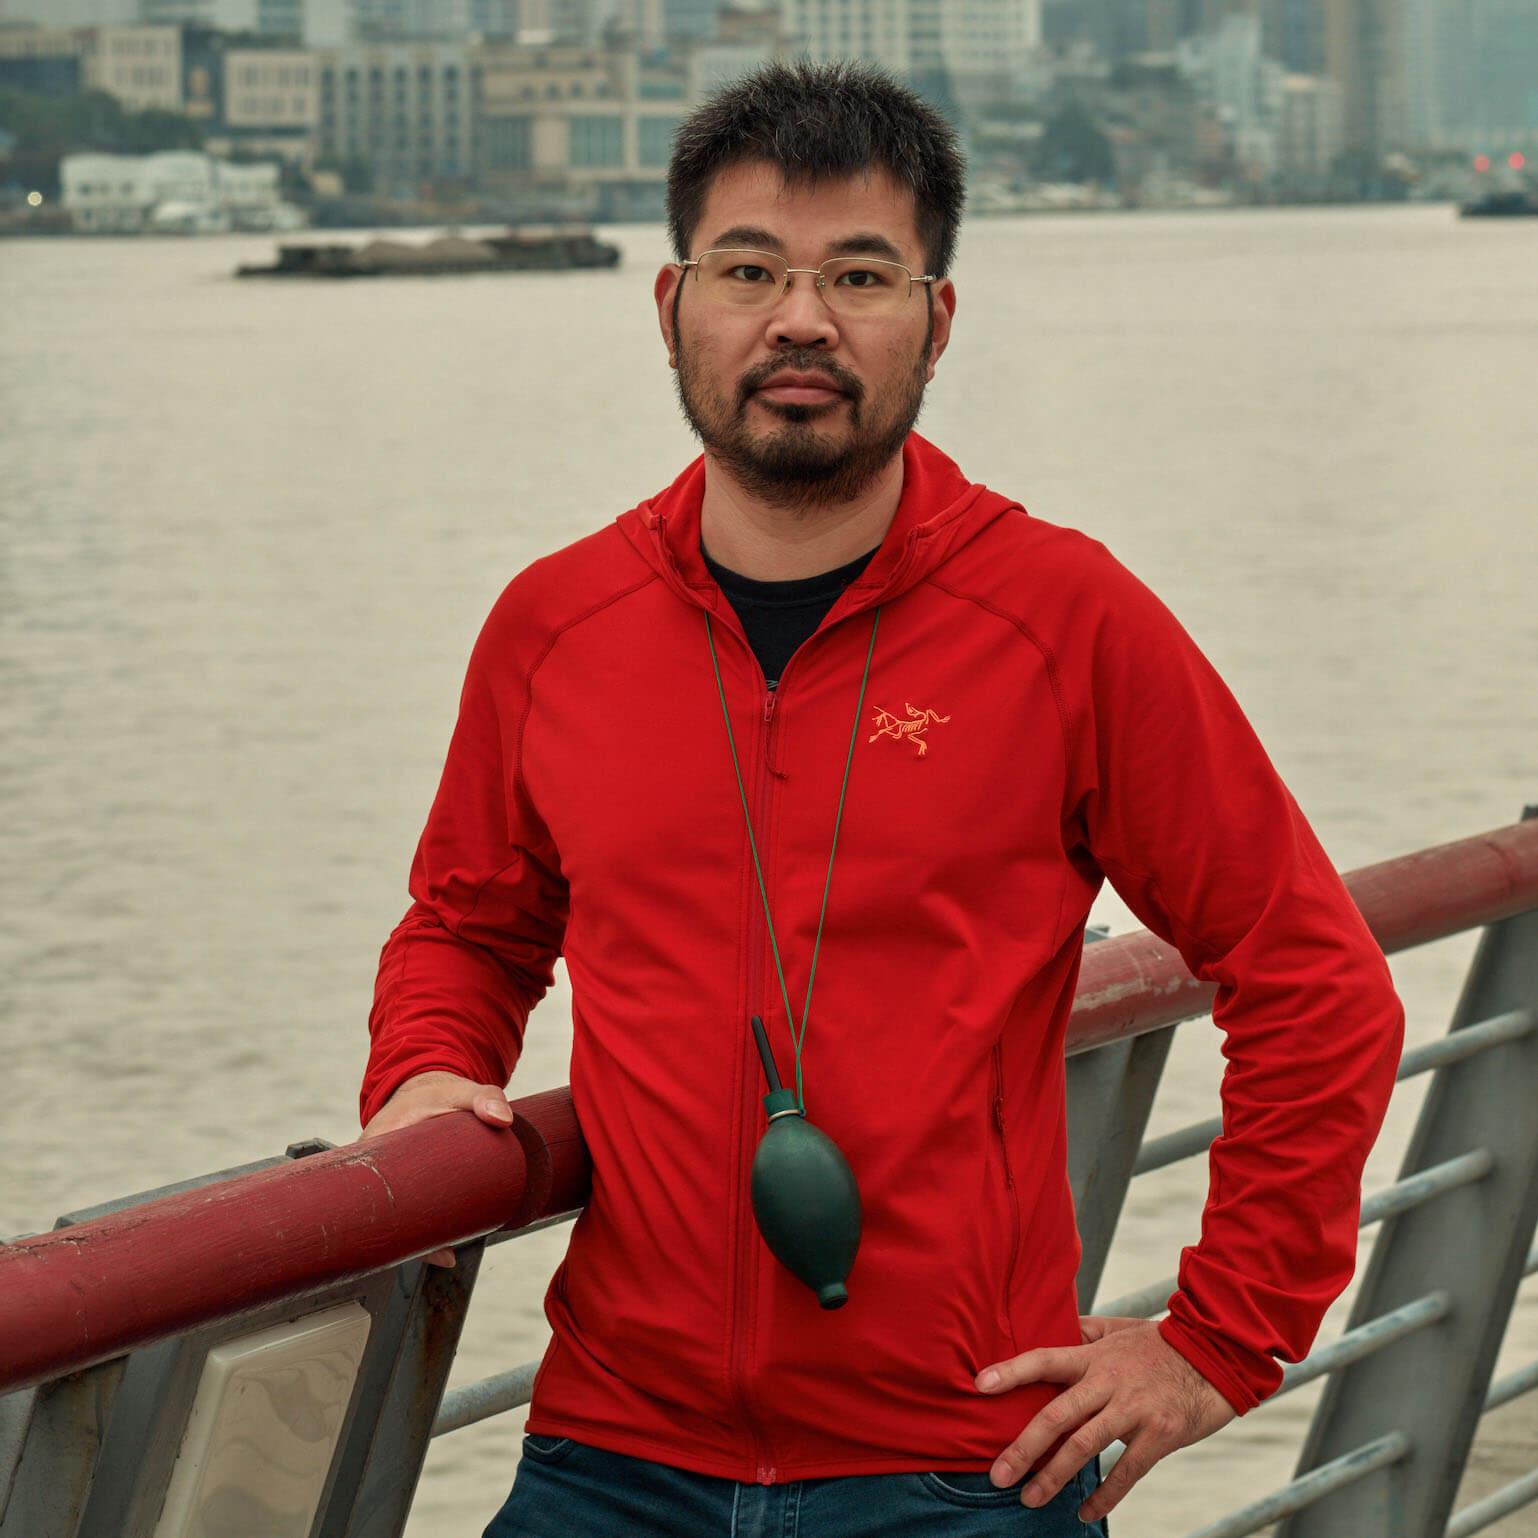 Liu, Daoming